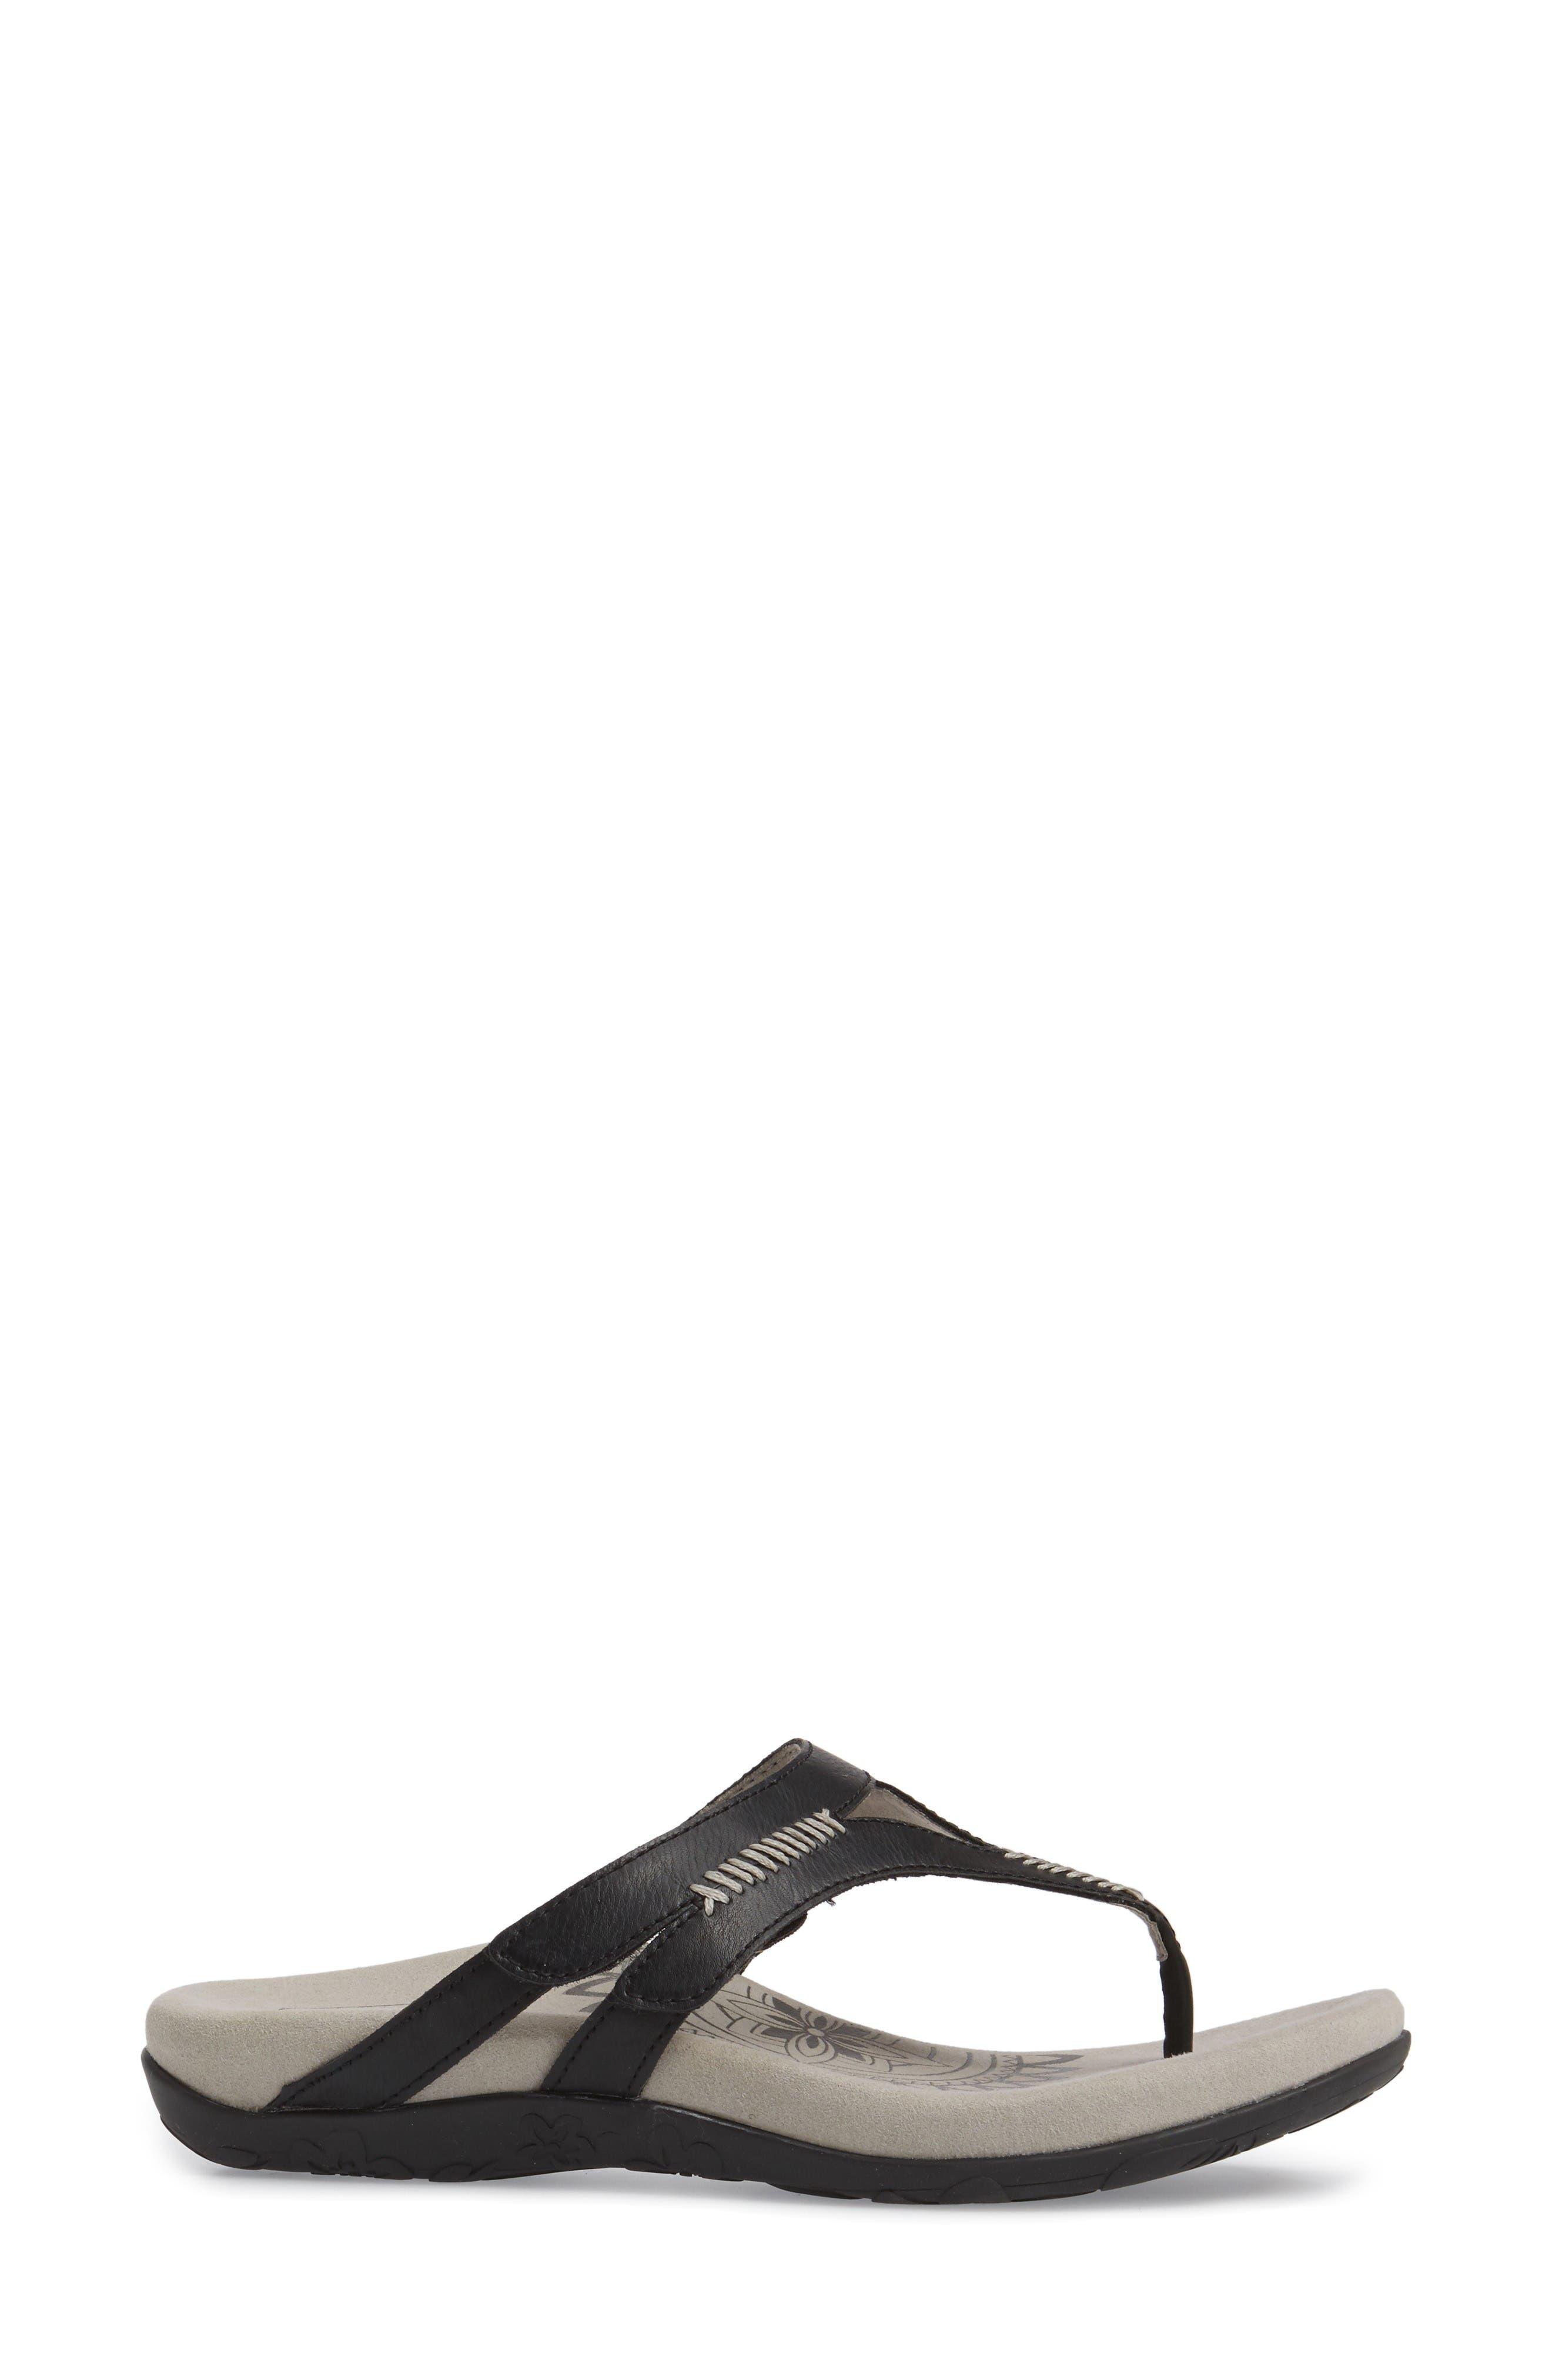 Celia Flip Flop,                             Alternate thumbnail 3, color,                             Black Leather